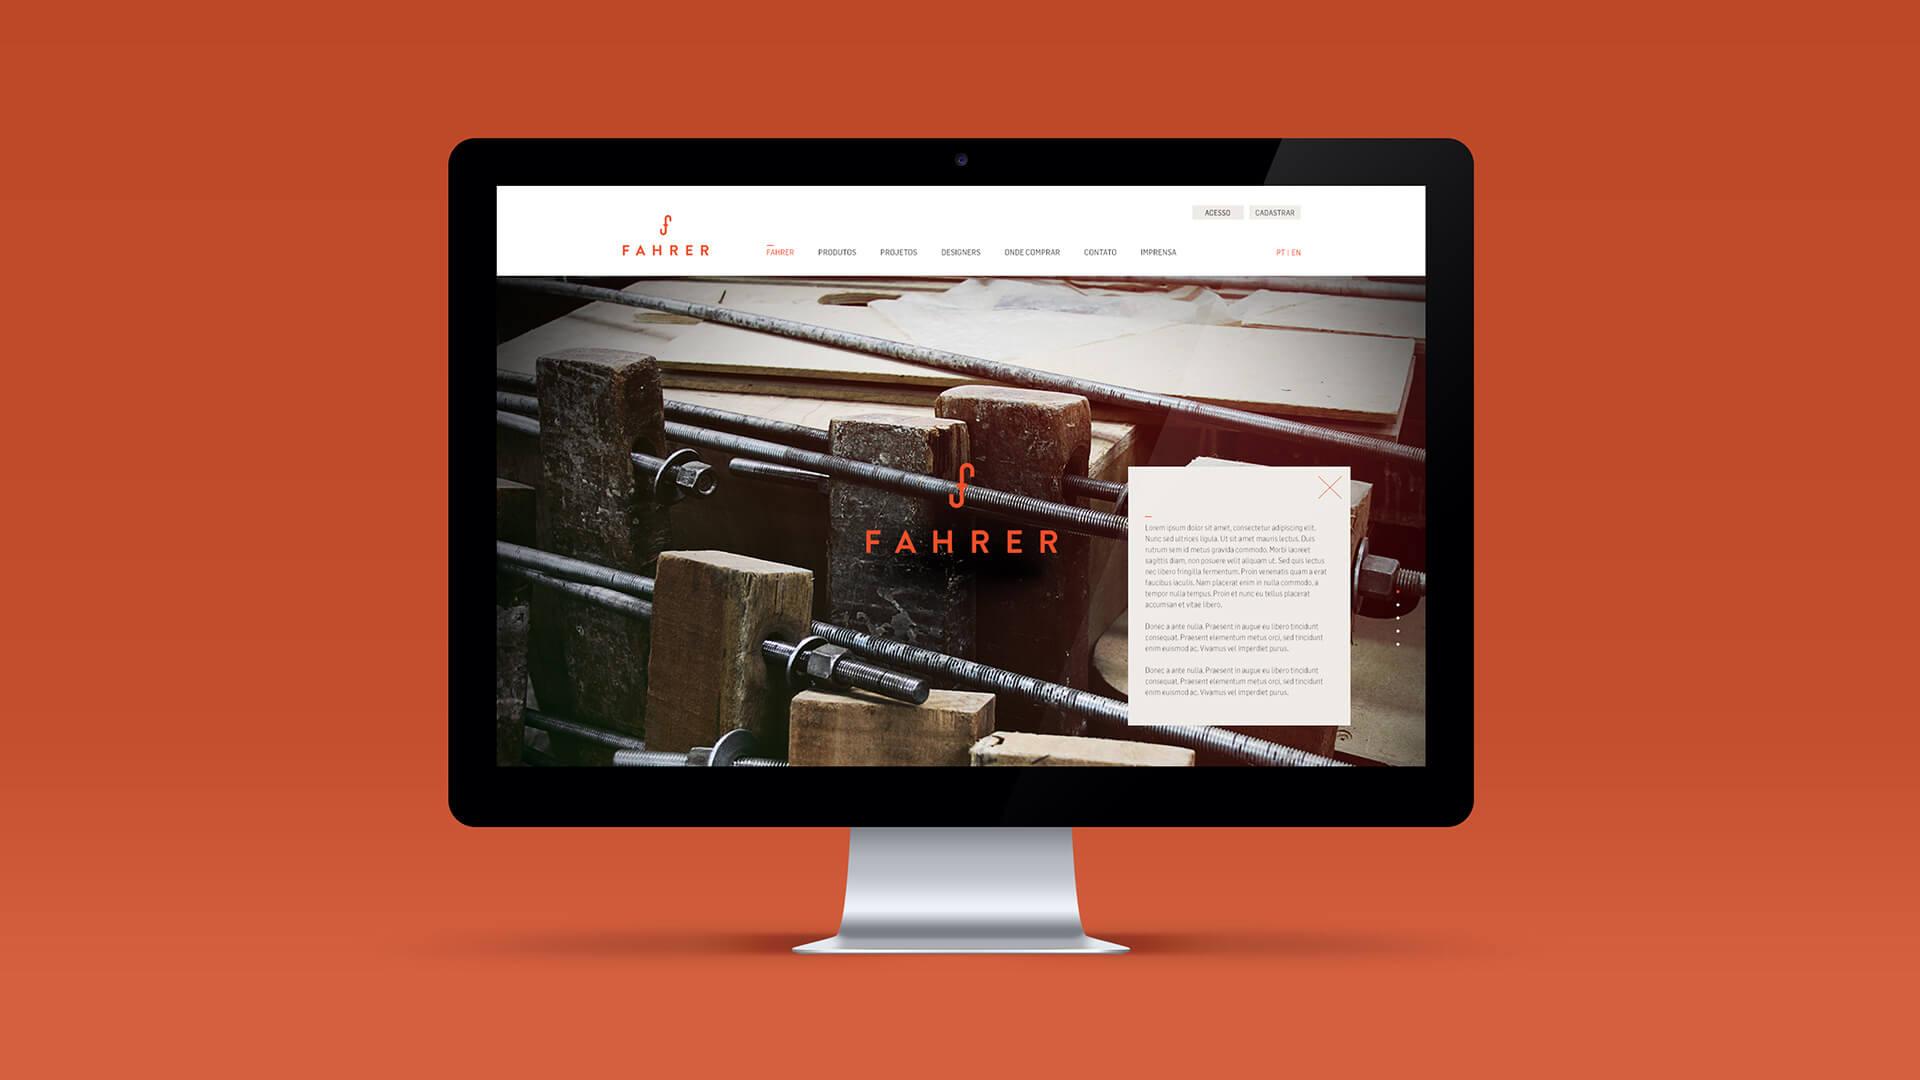 fahrer-pagina-web